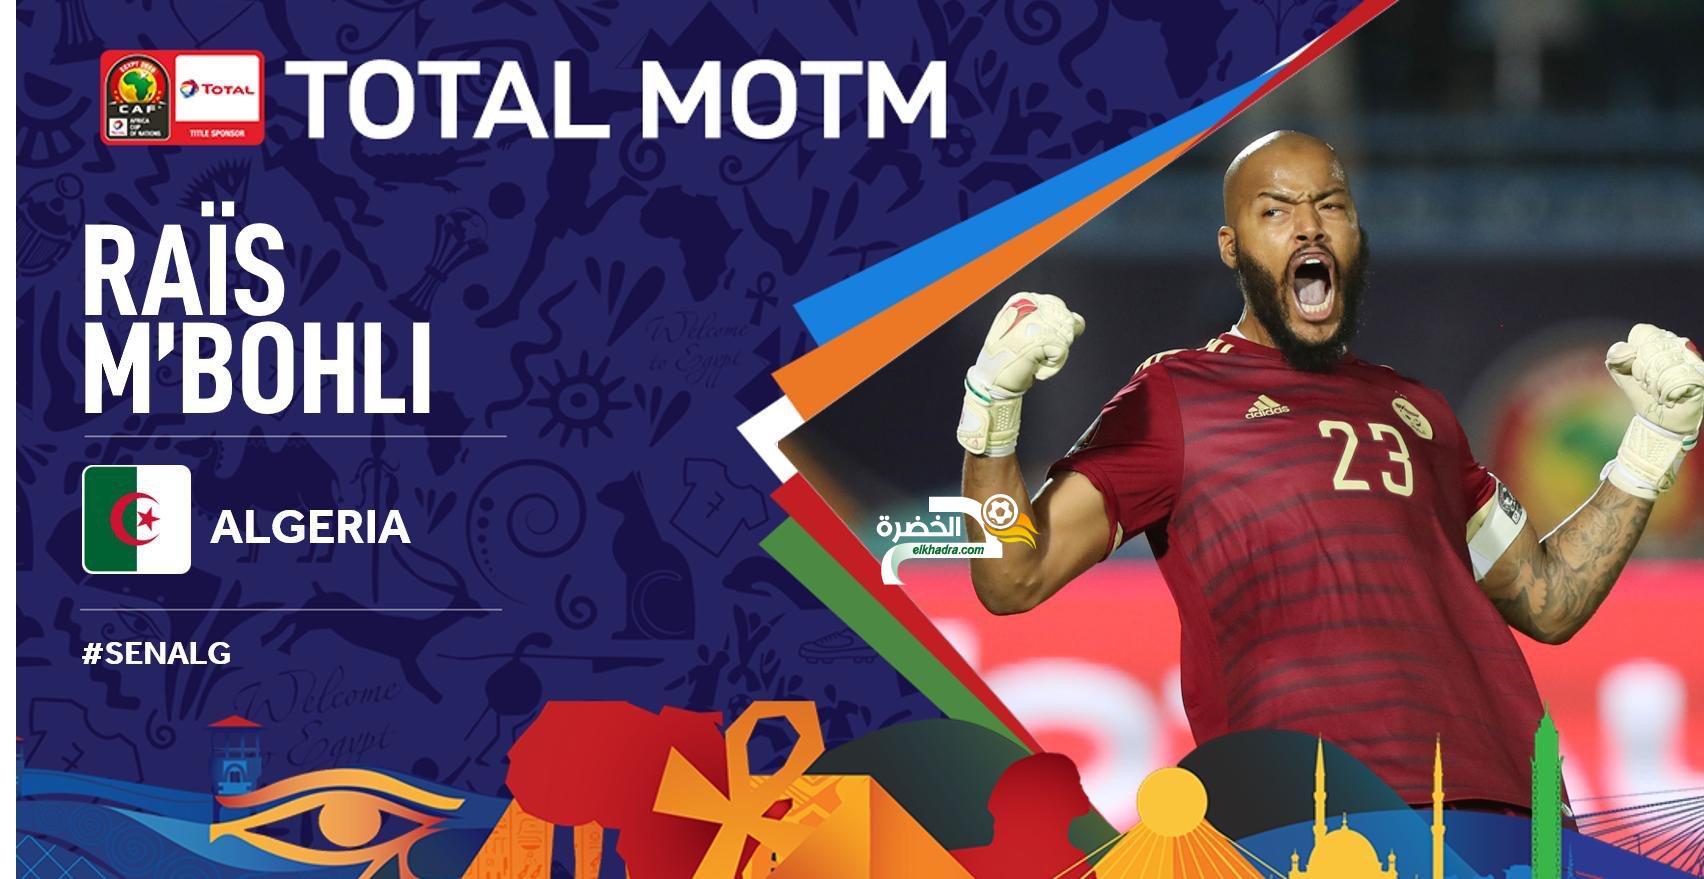 الجزائر 1-0 السينغال : مبولحي رجل المباراة 17